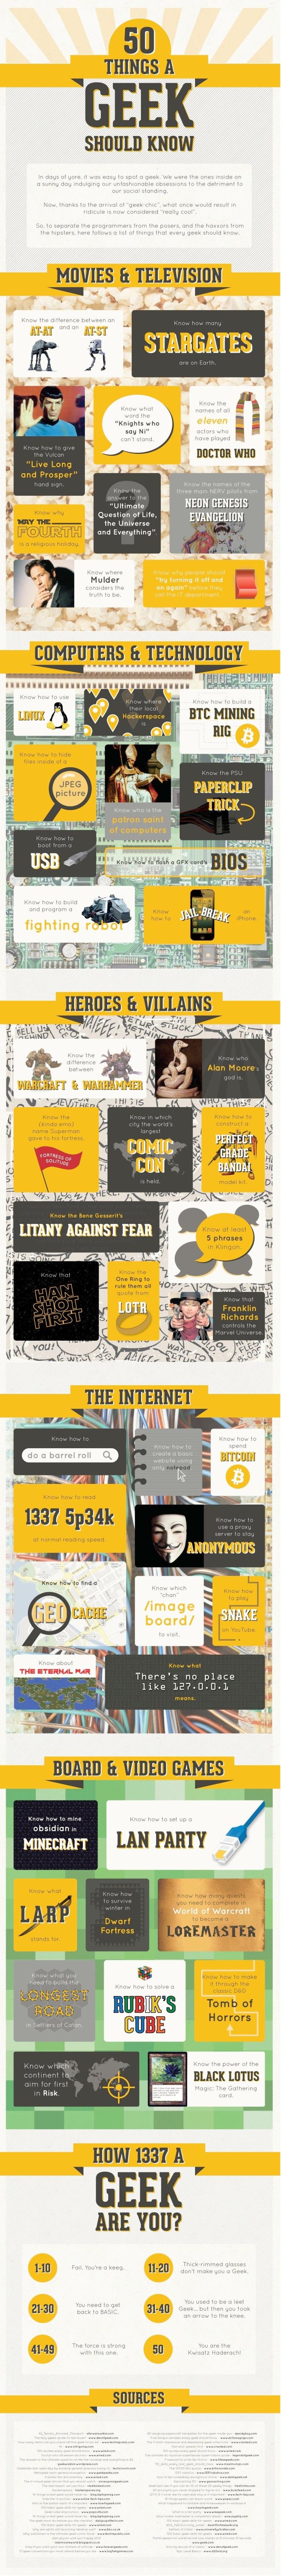 50 cosas que un Geek debe saber